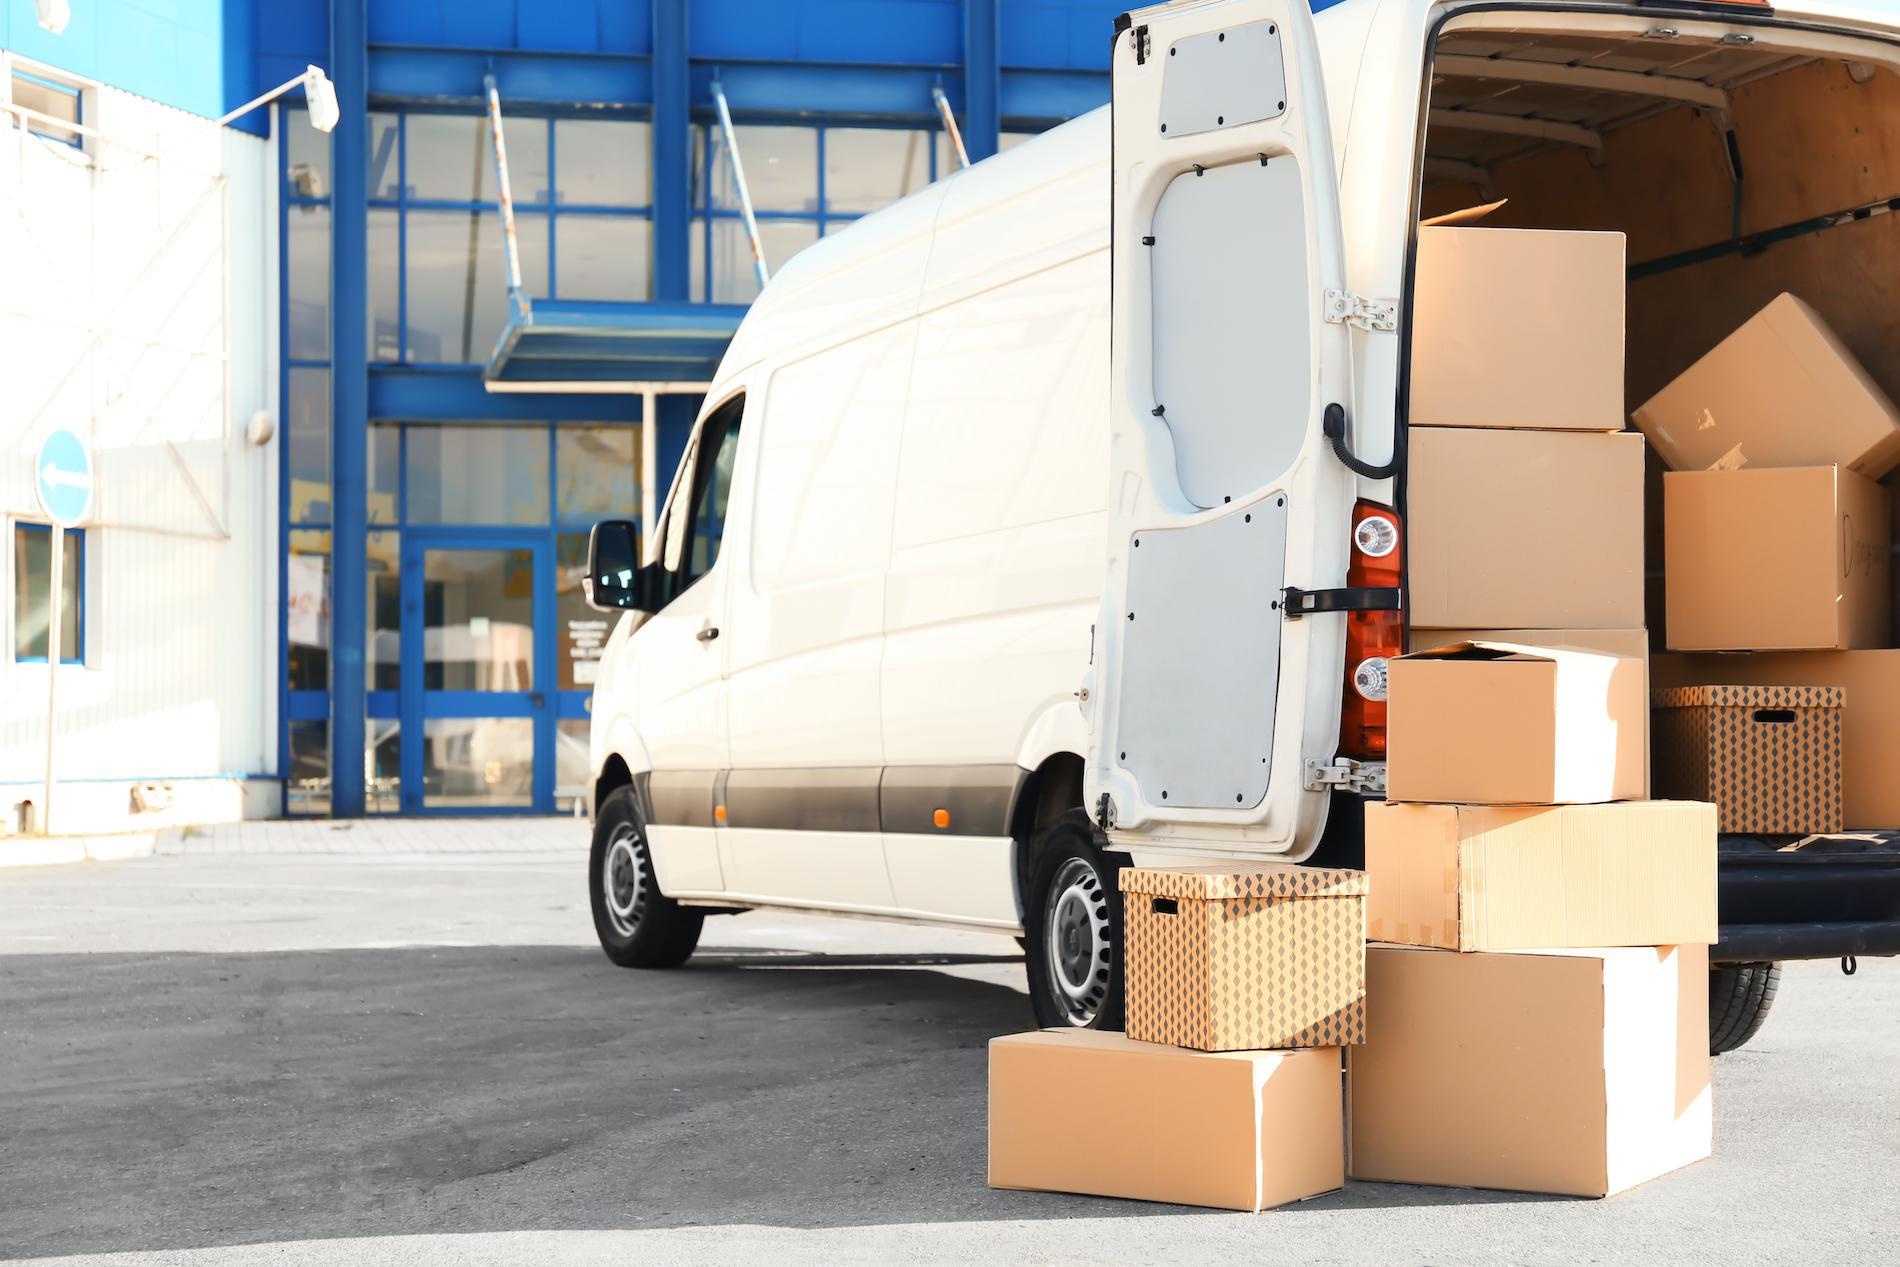 Location d'un camion pour un déménagement, comment choisir ?